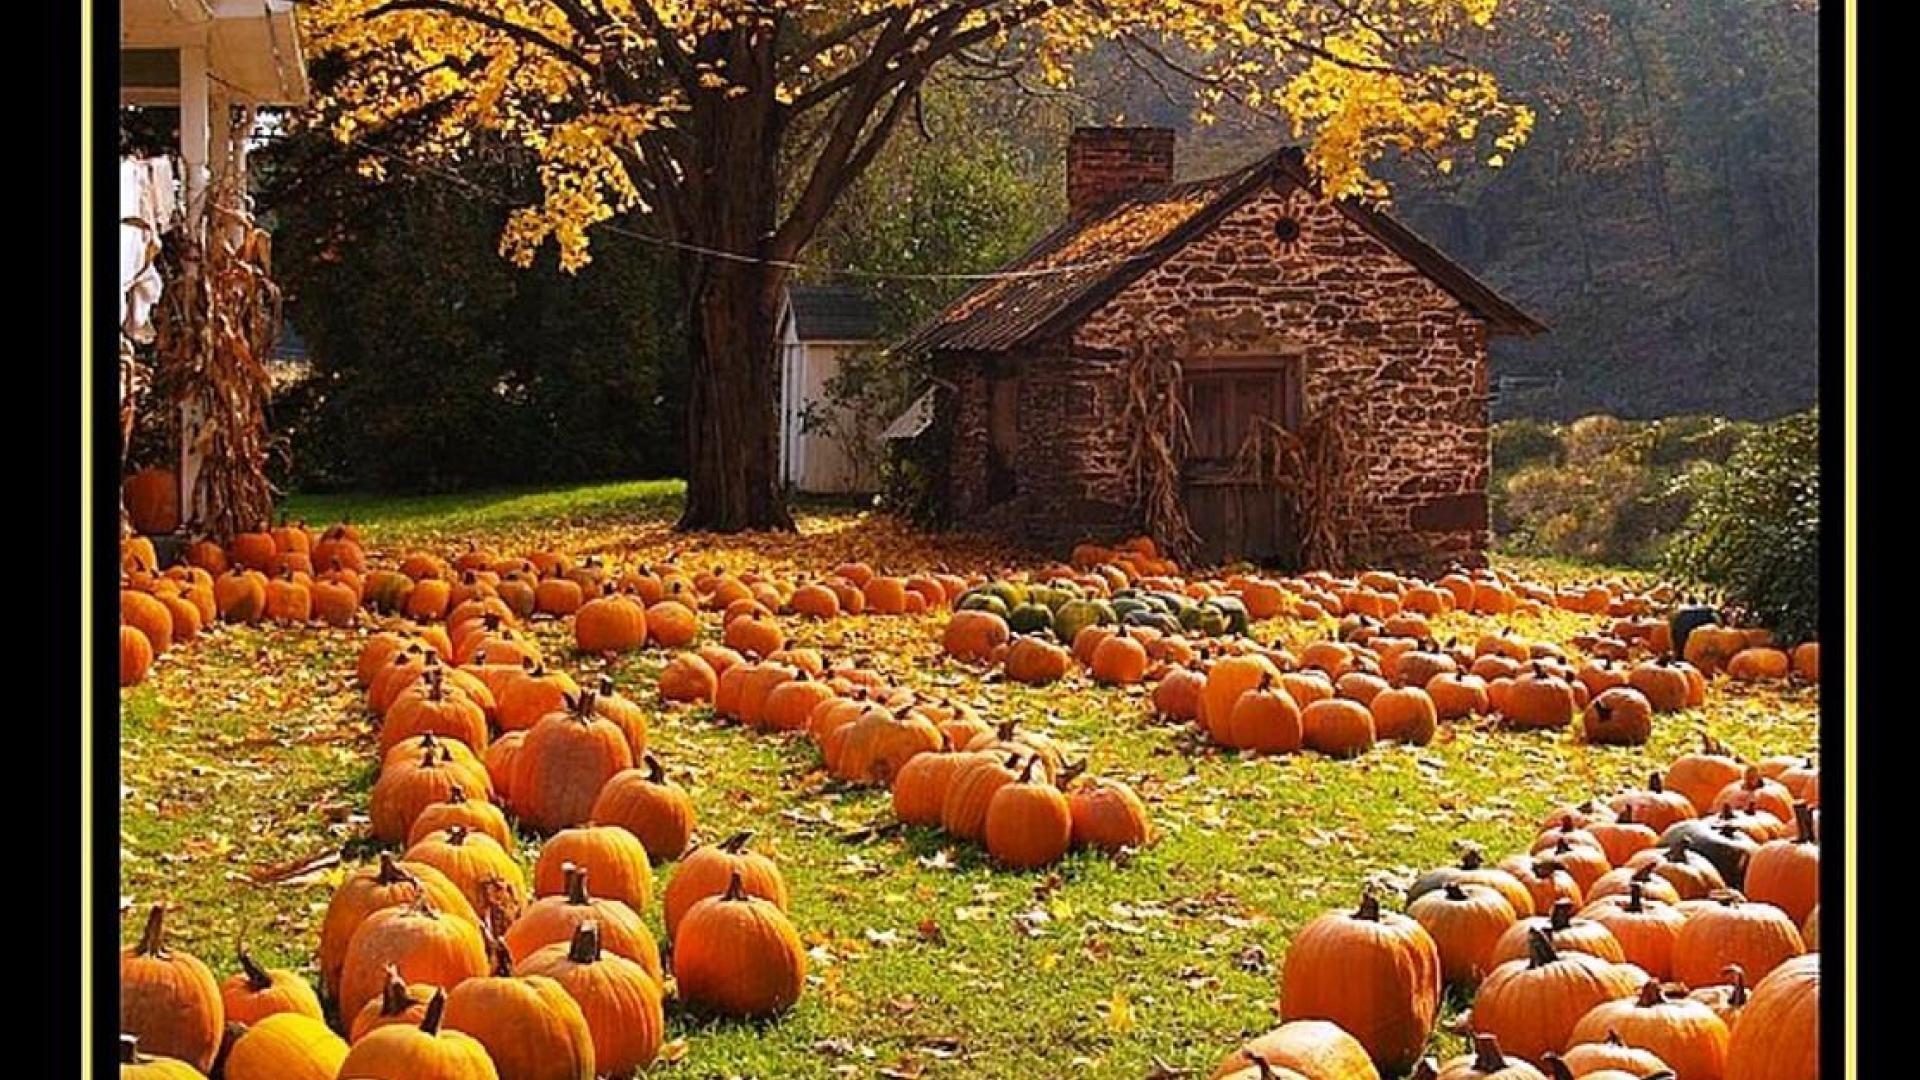 Autumn Harvest Wallpaper Widescreen wallpaper. Pumpkin